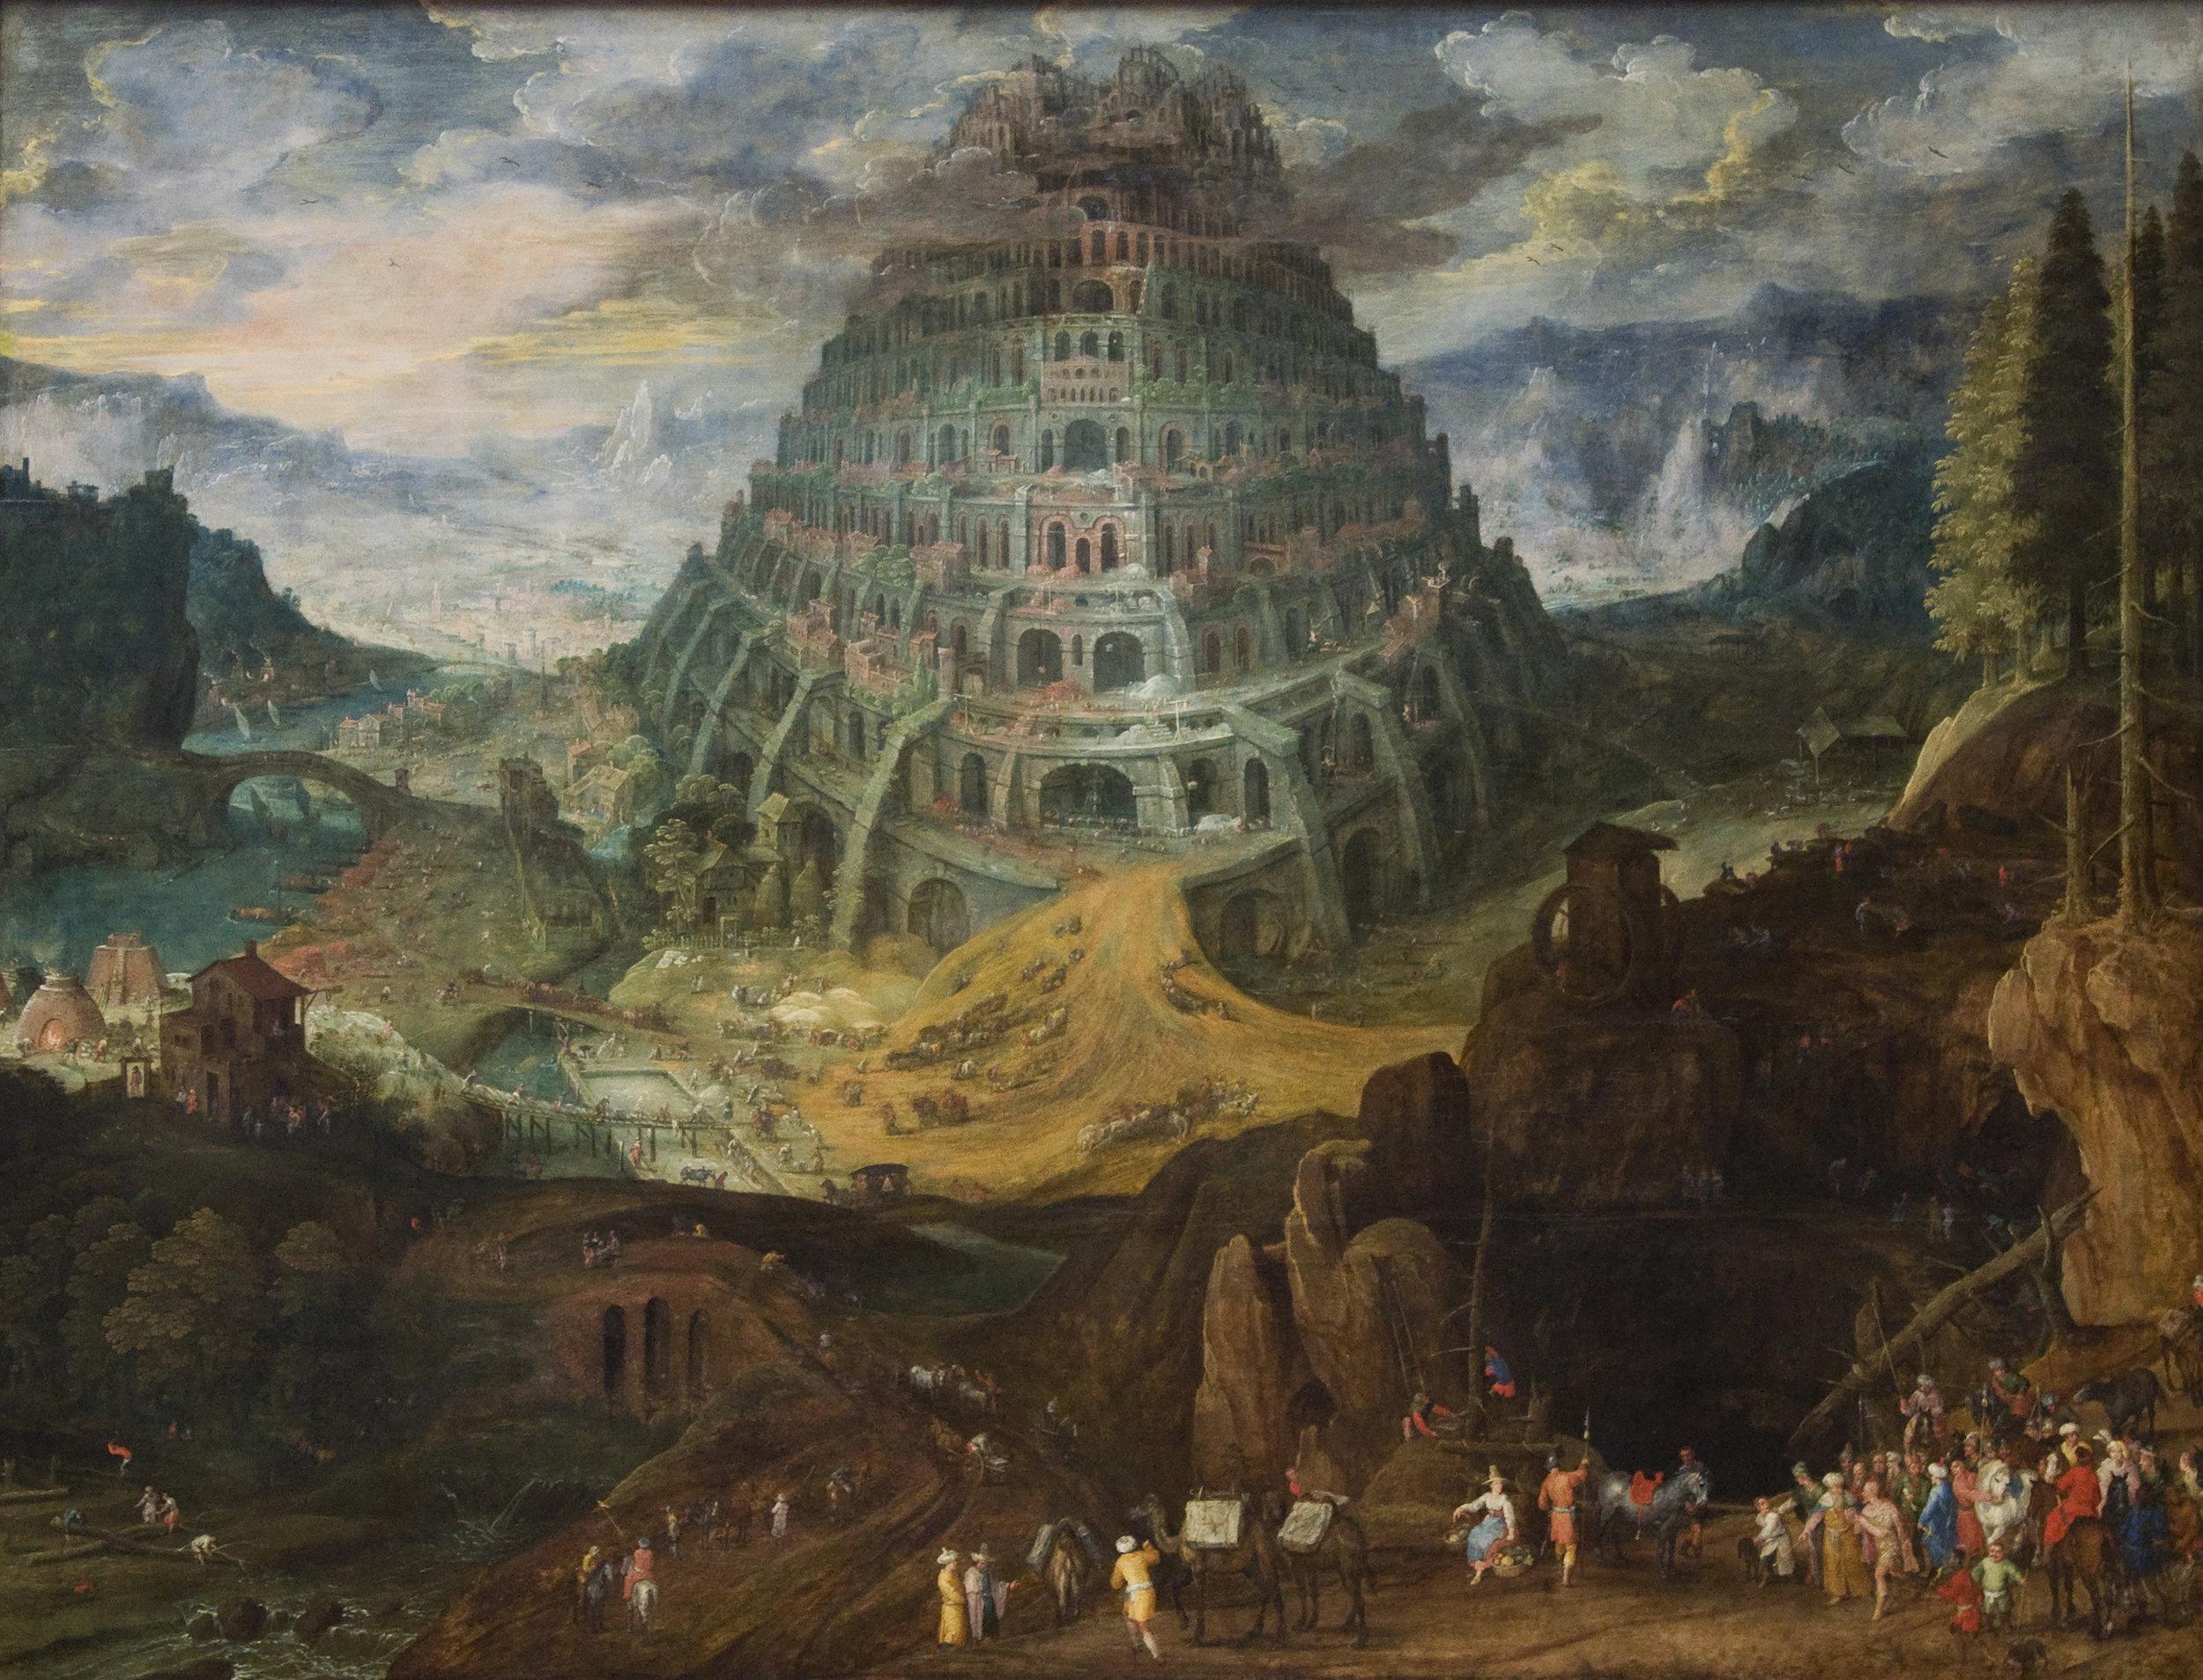 Toren van Babel  , Tobias Verhaecht and Jan Brueghel de Oude